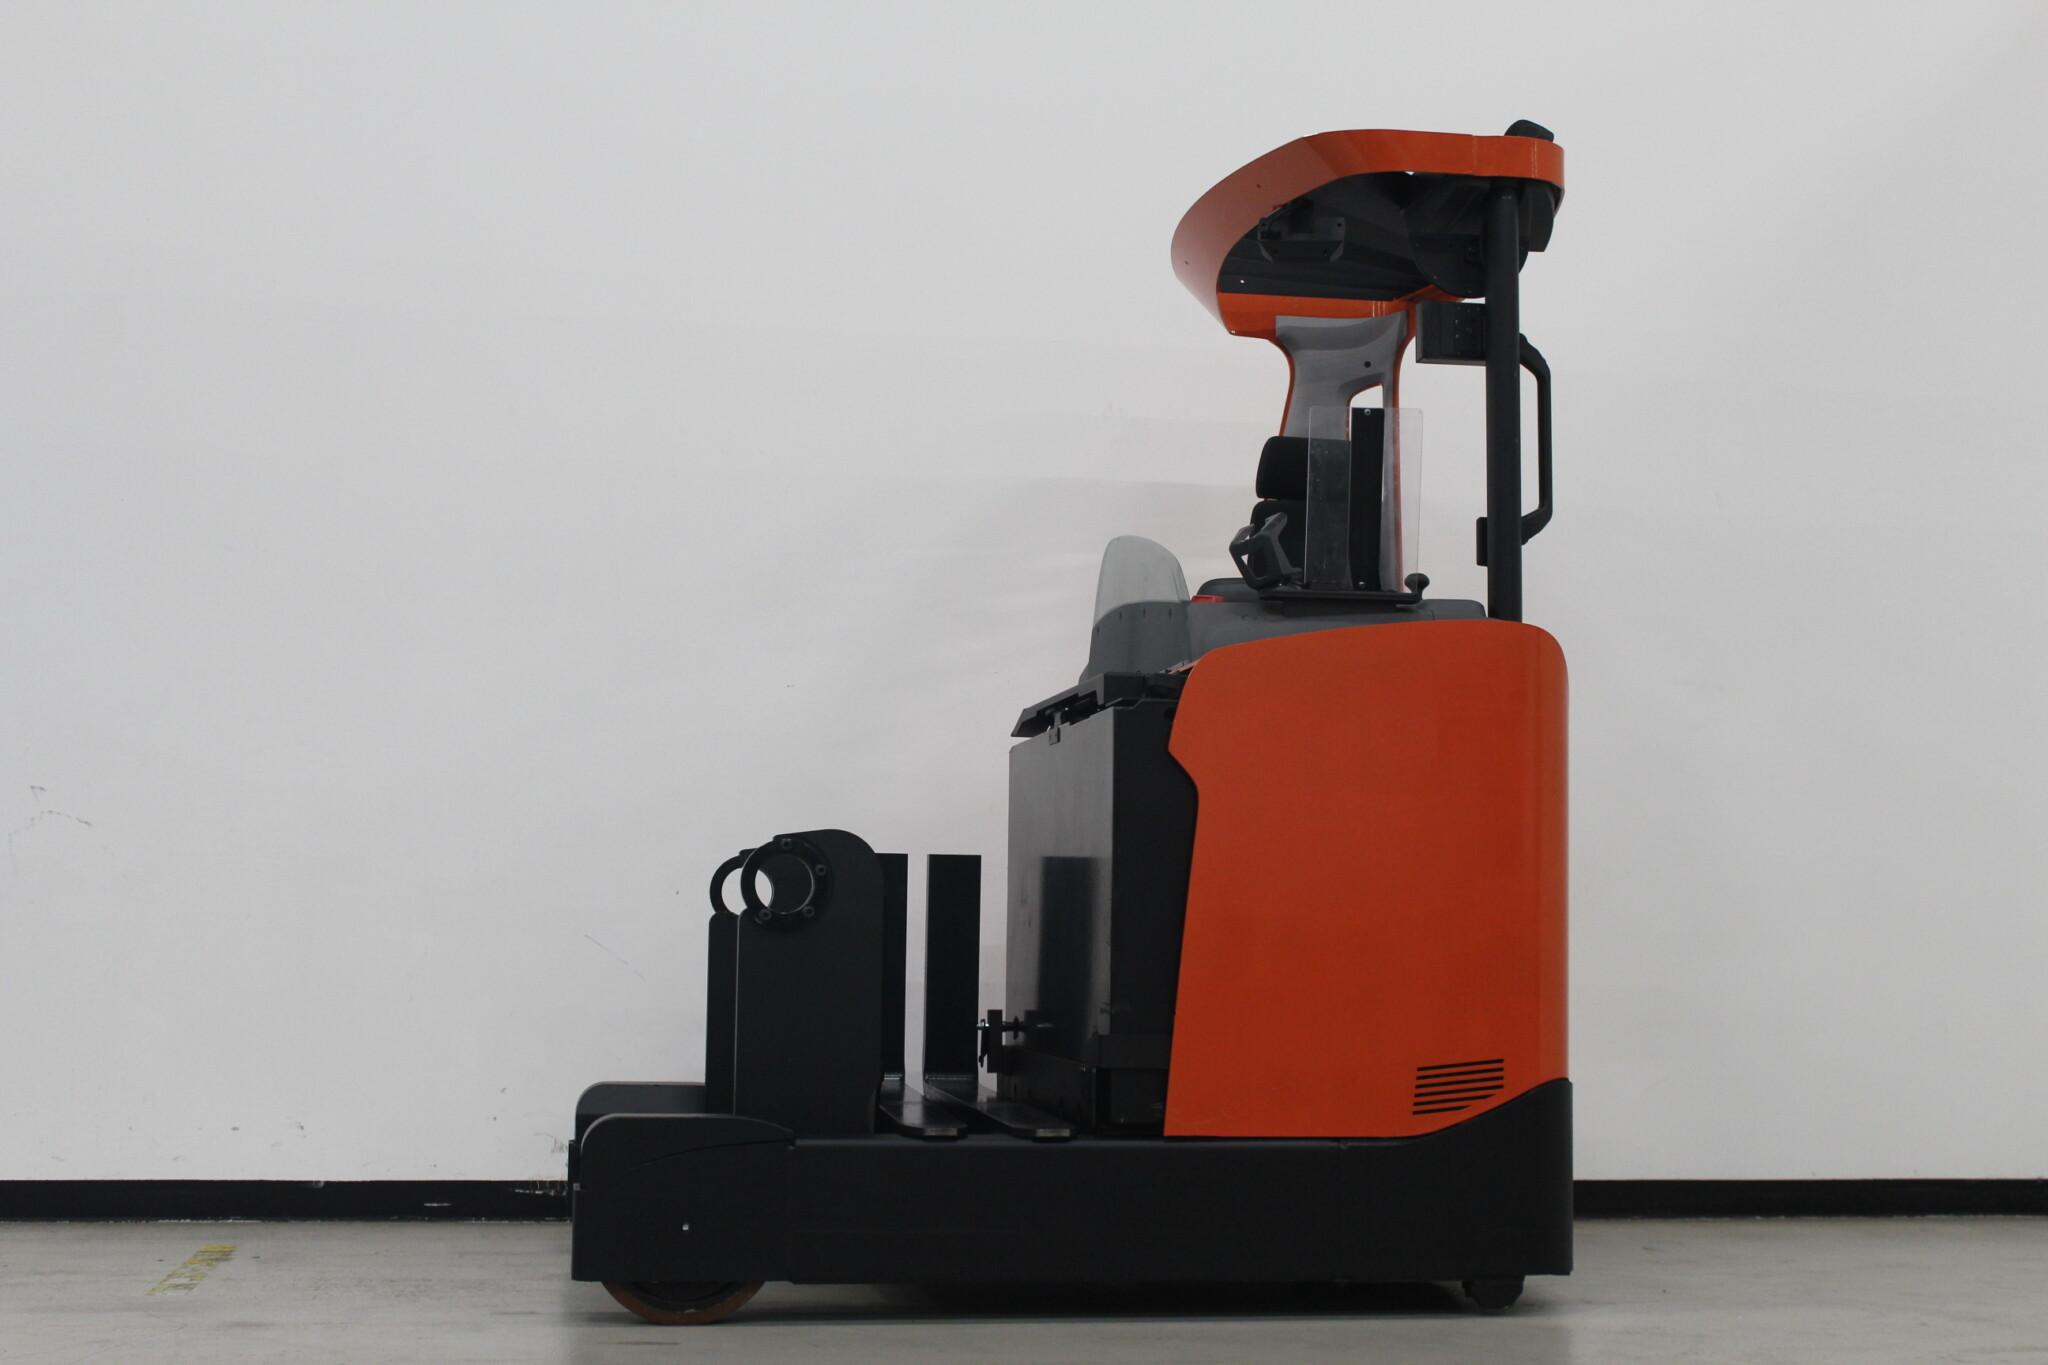 Toyota-Gabelstapler-59840 1910026391 1 1 scaled